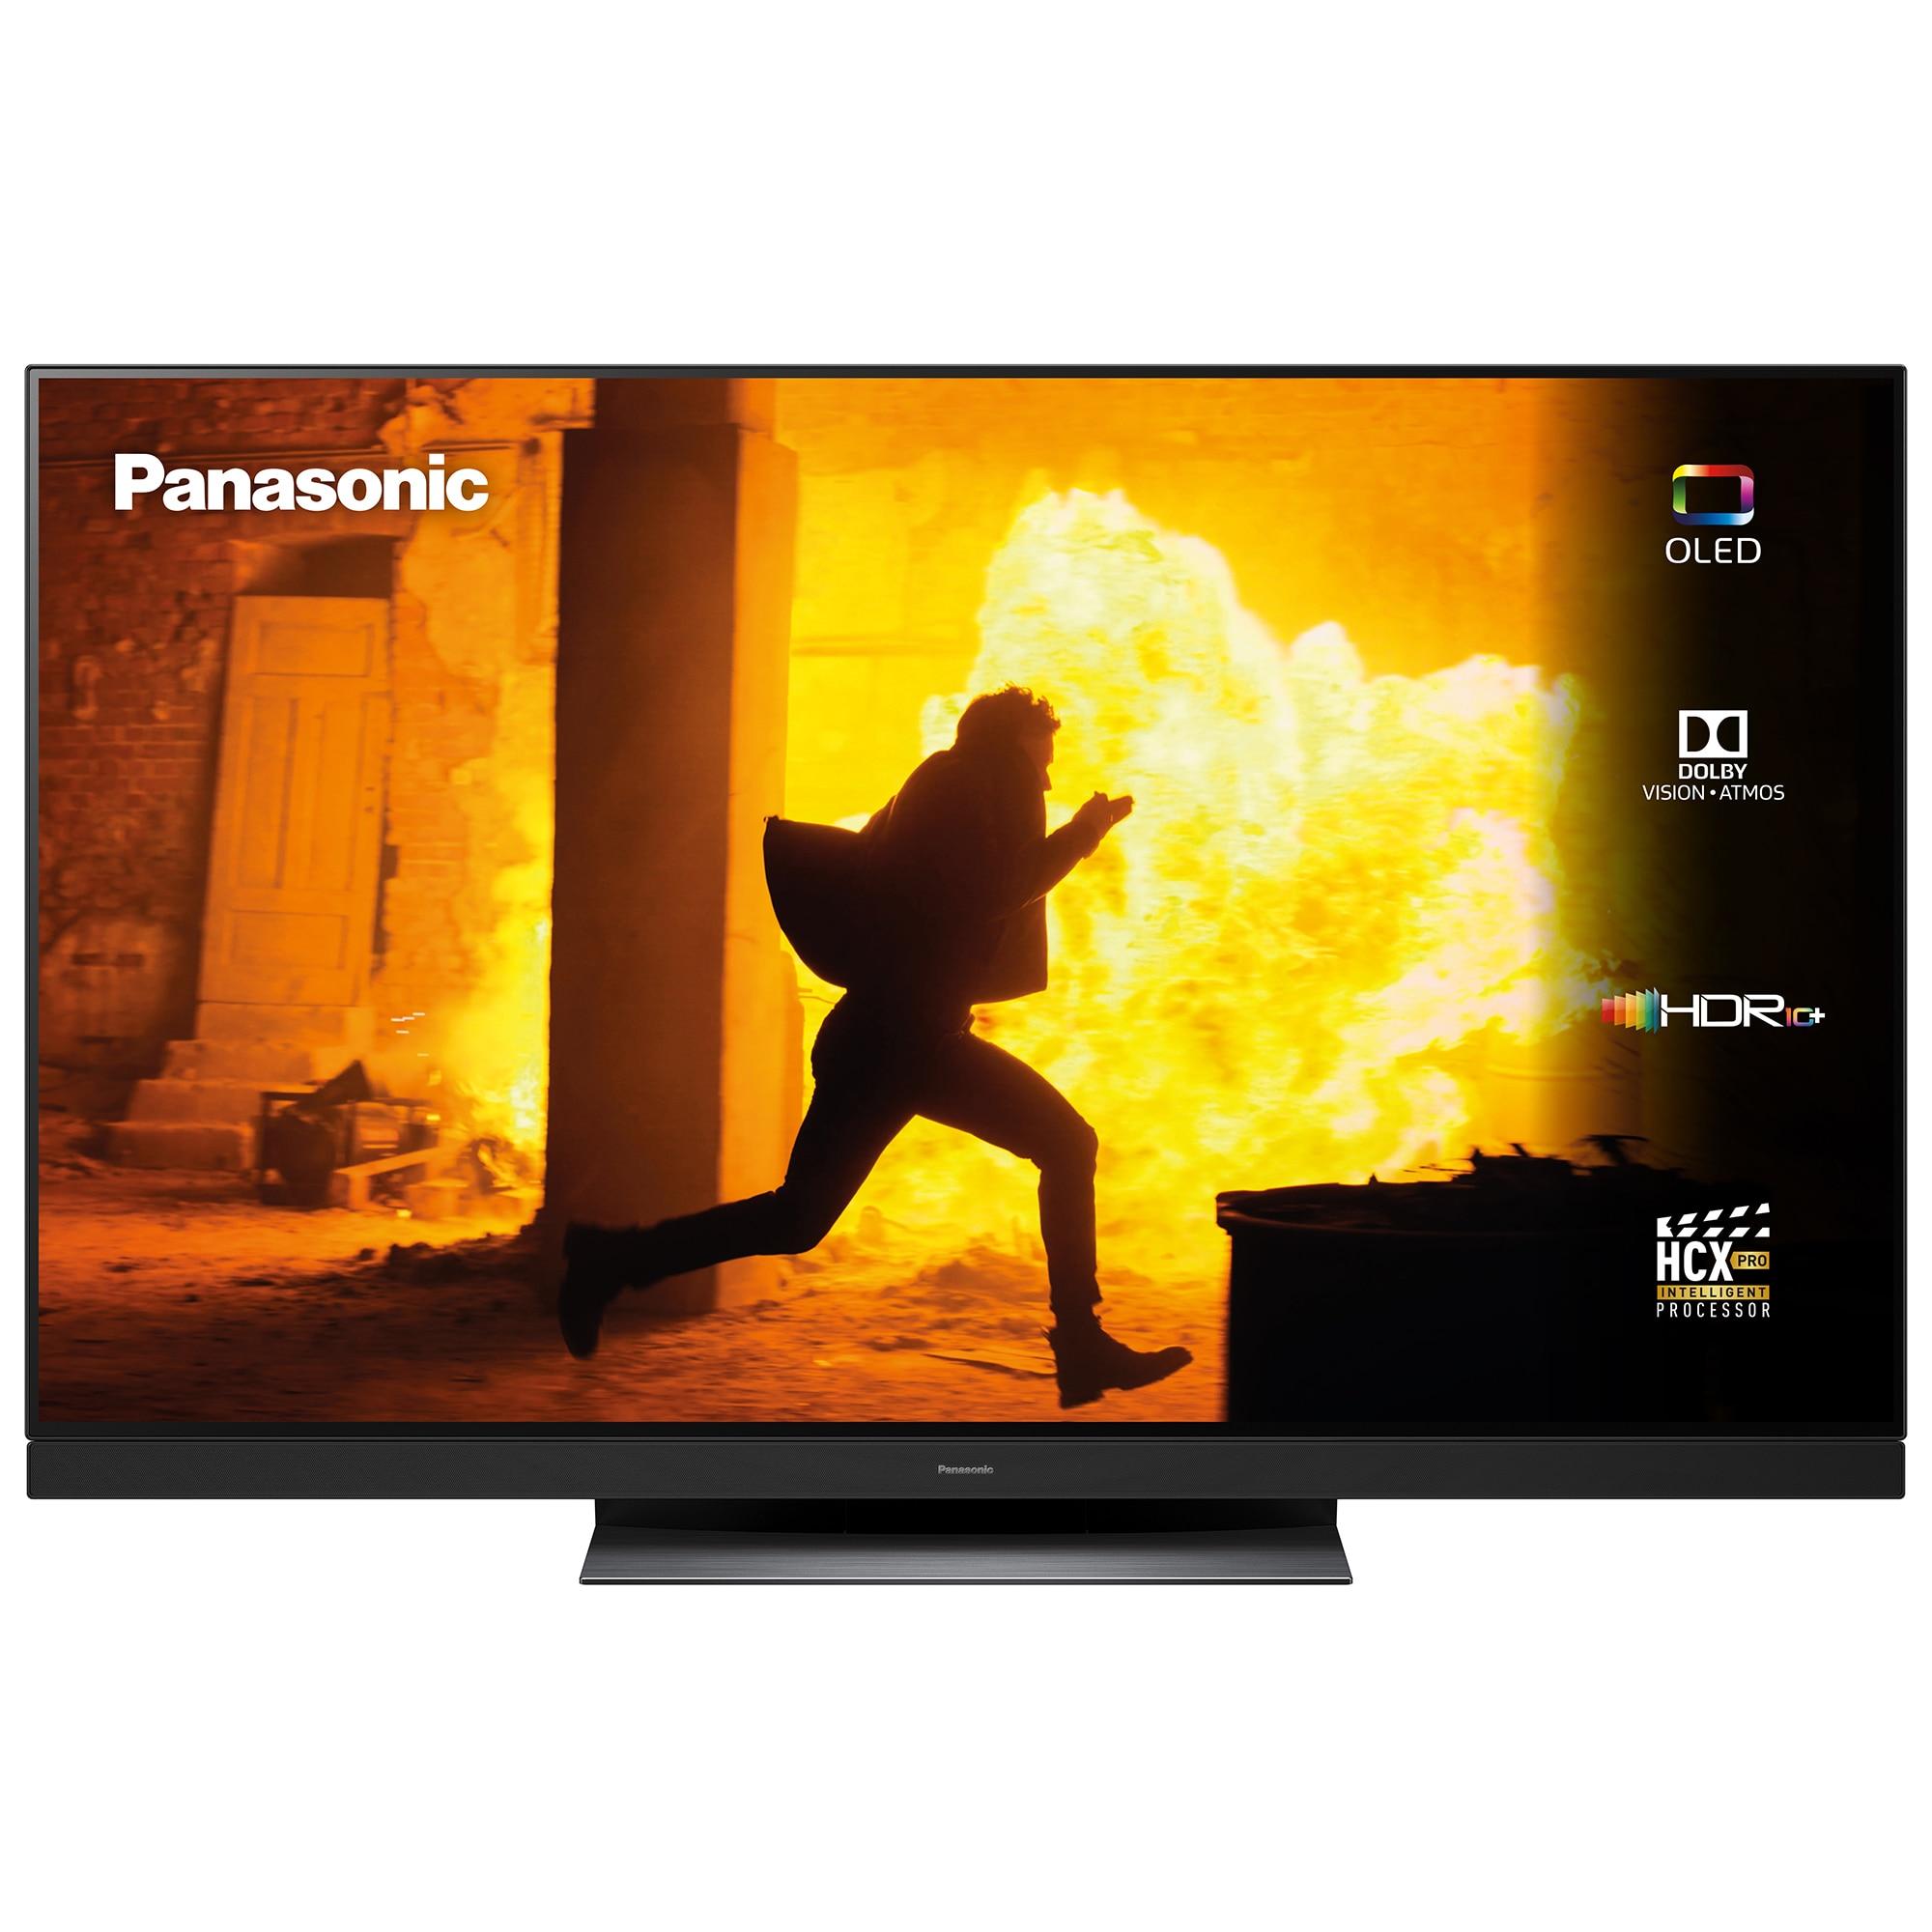 Fotografie Televizor OLED Smart Panasonic, 139 cm, TX-55GZ1500E, 4K Ultra HD